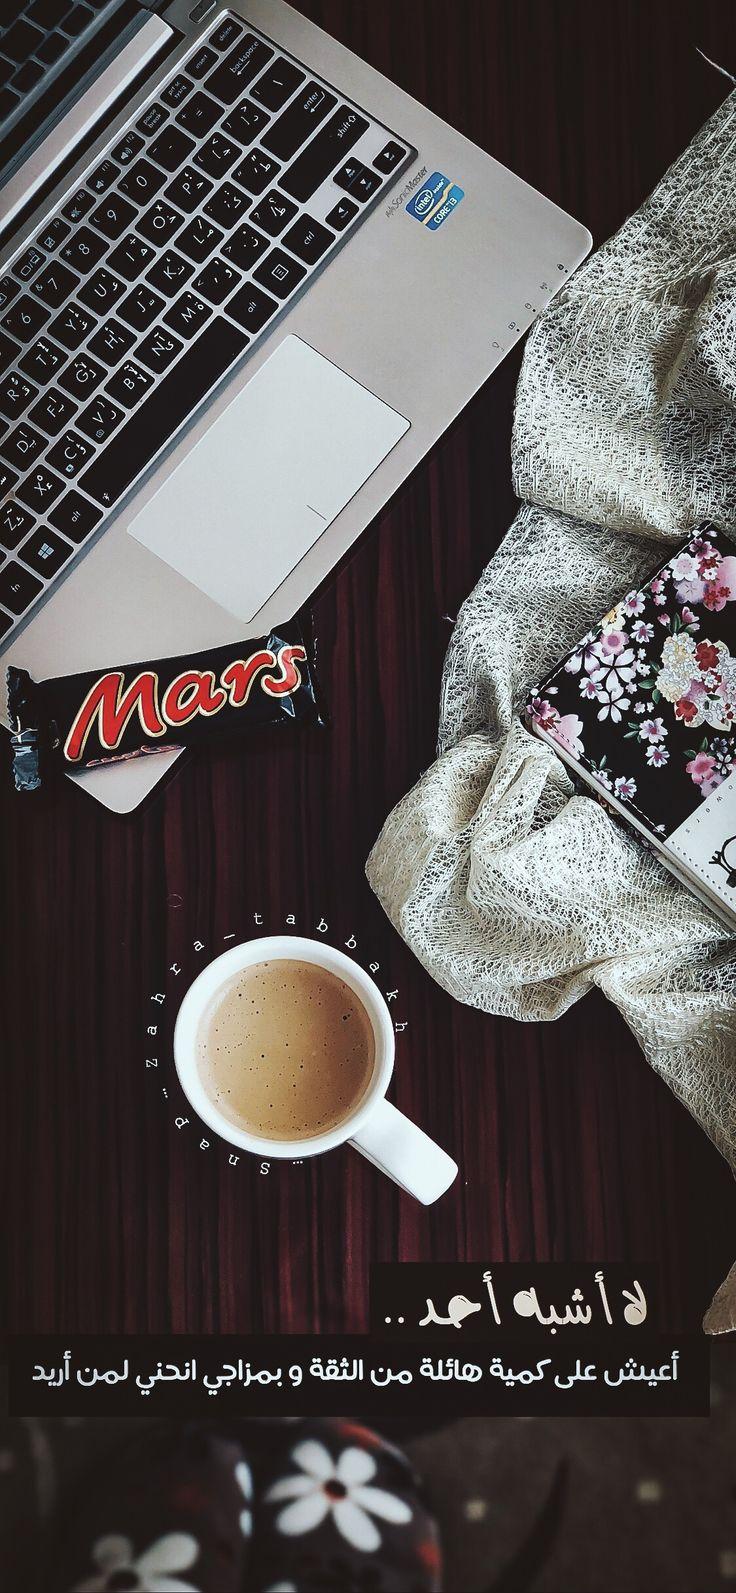 قهوة قهوتي رمزيات بيسيات سنابات سنابيات كلام كلمات